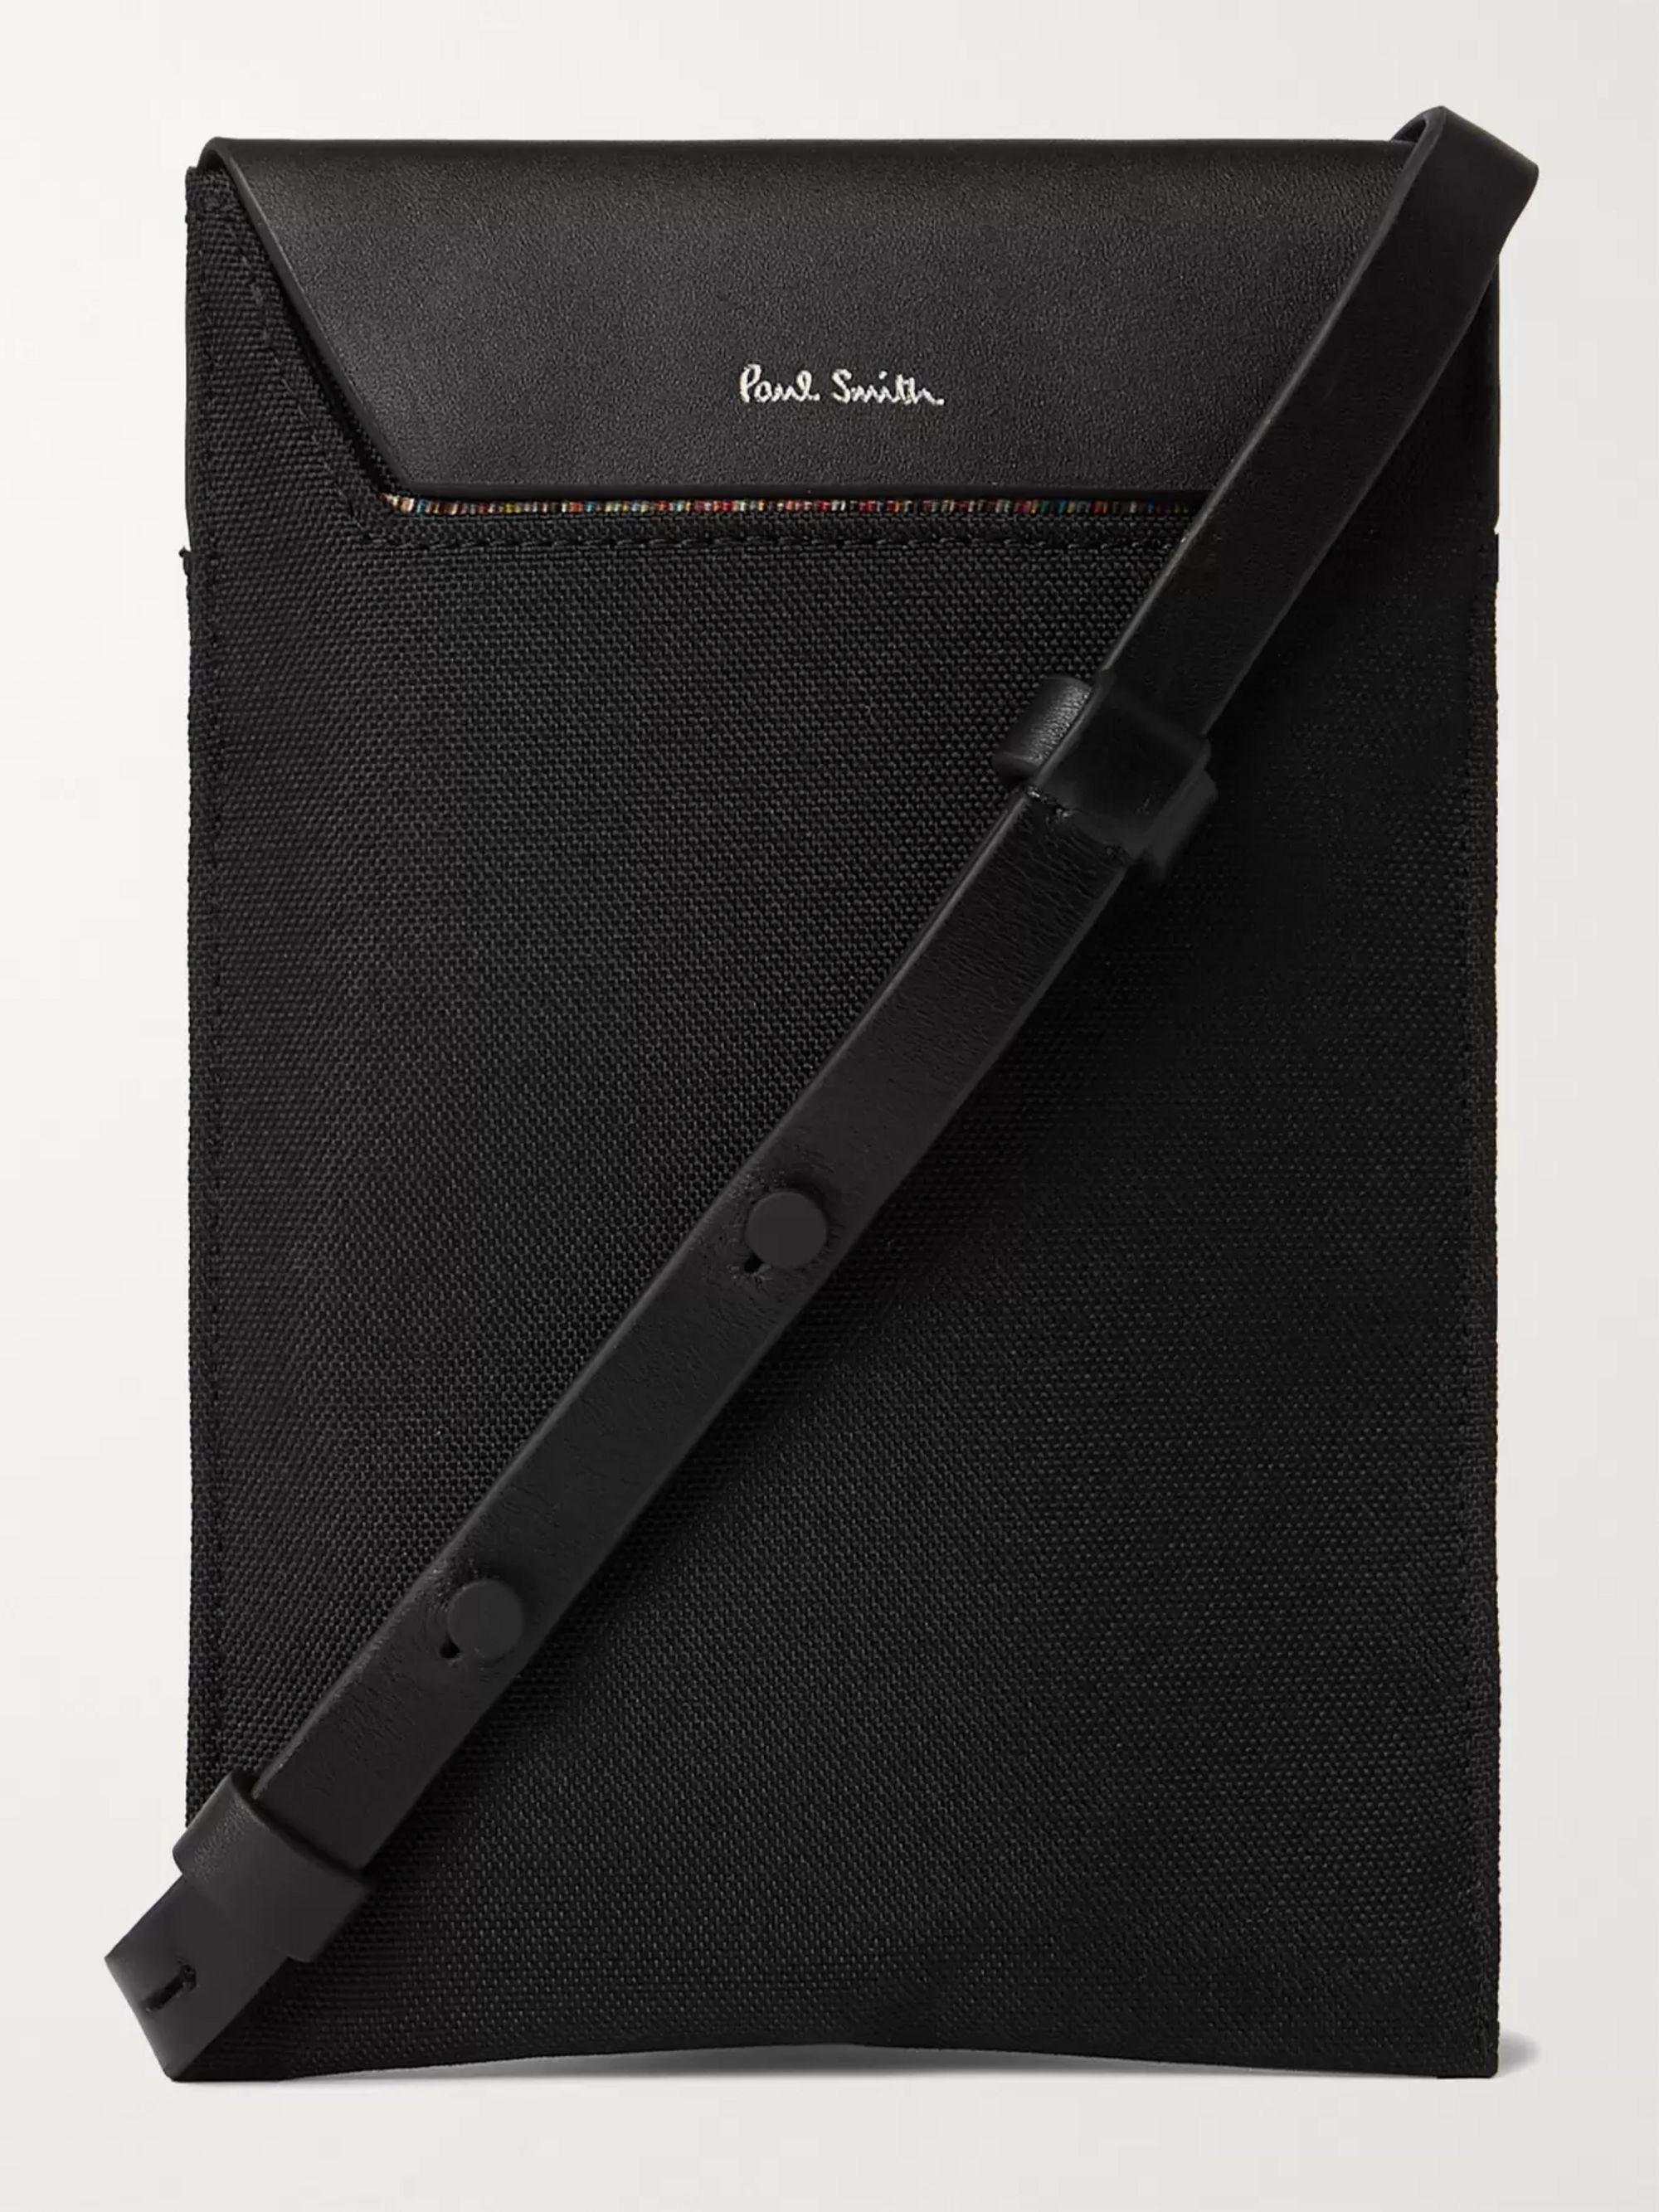 폴 스미스 Paul Smith Leather-Trimmed Nylon Messenger Bag,Black